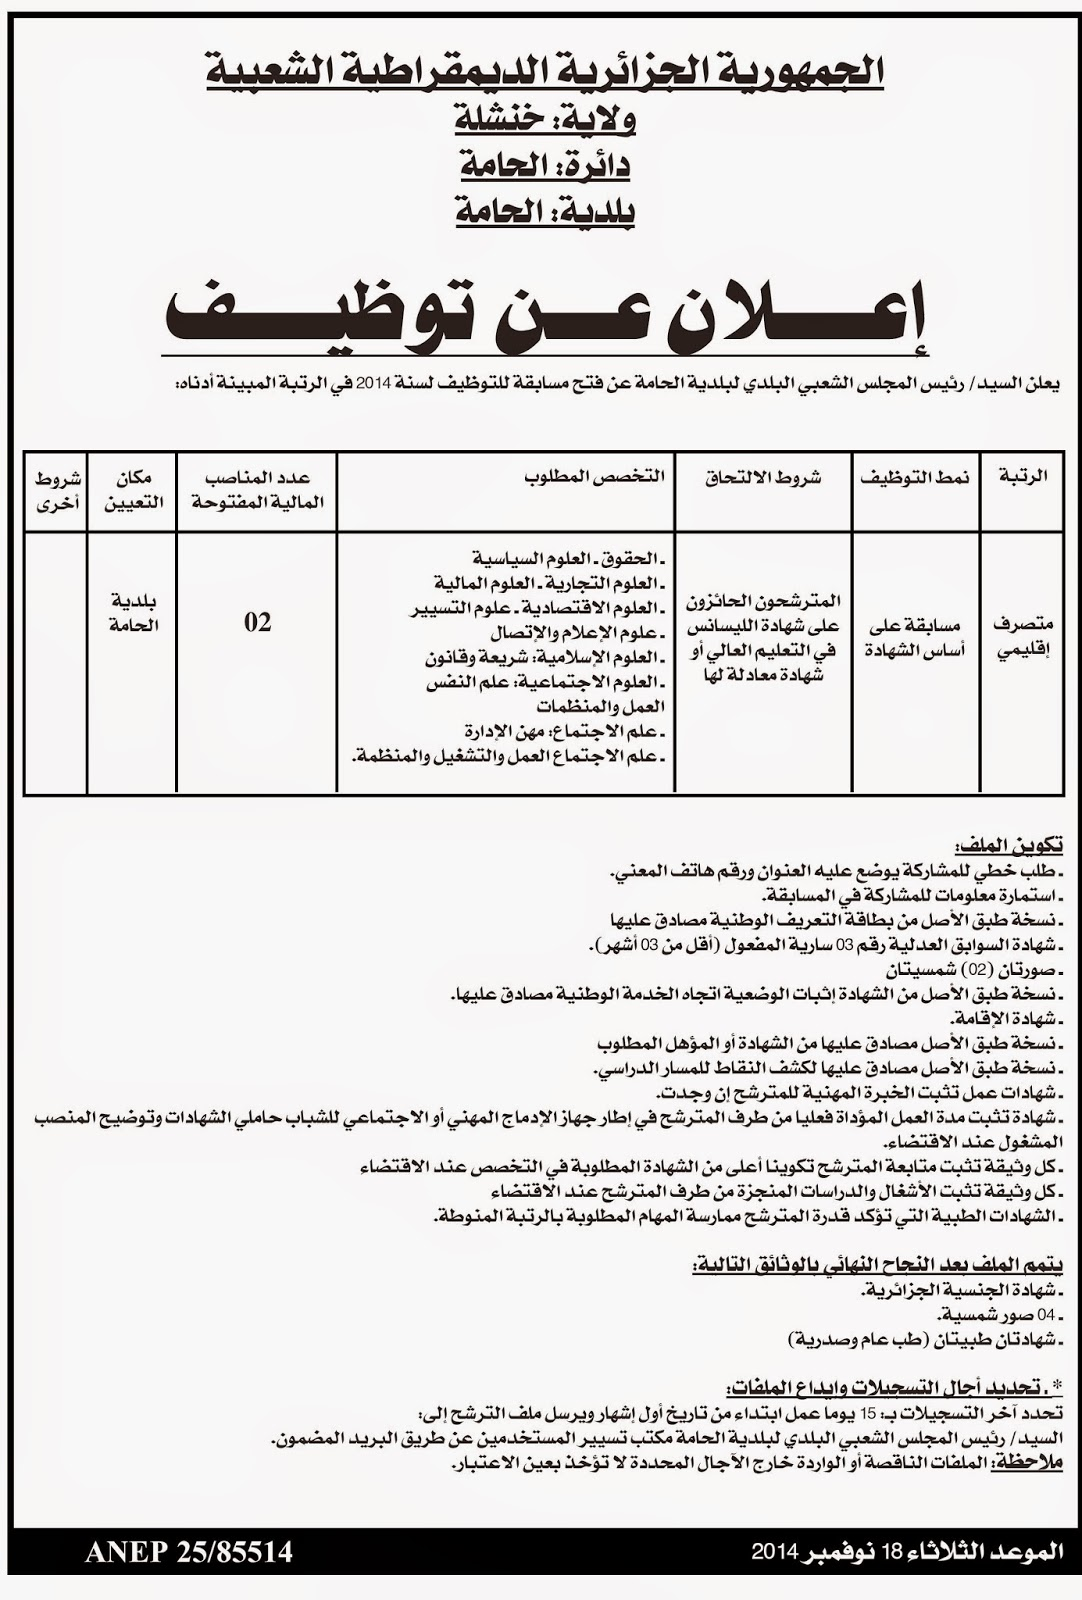 إعلان توظيف ببلدية الحامة ولاية خنشلة